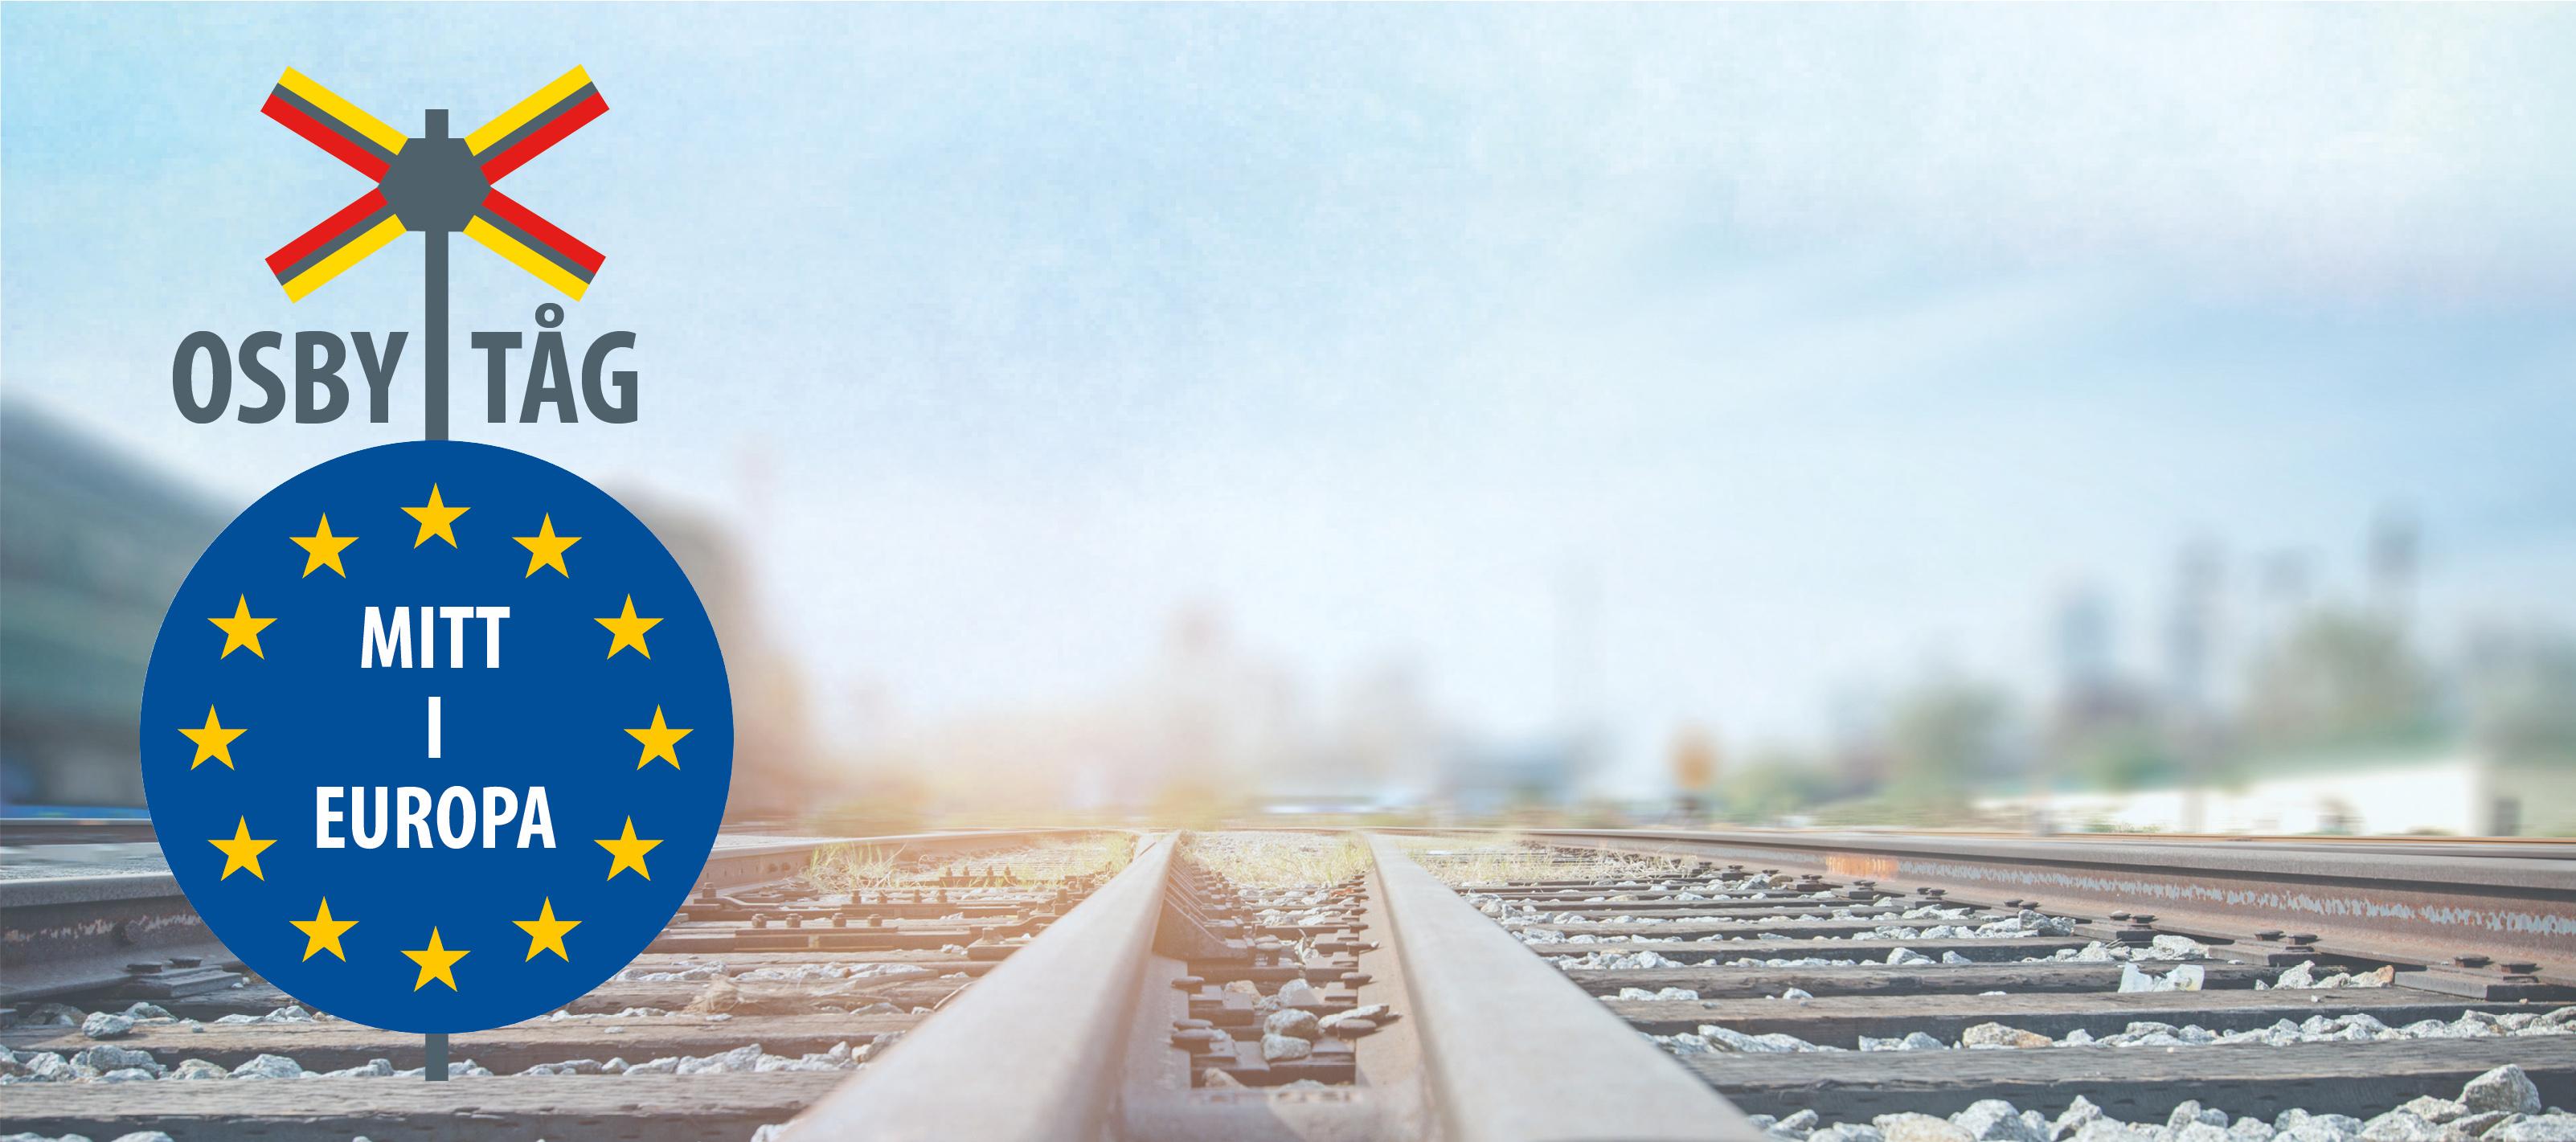 startsida för Osby tåg